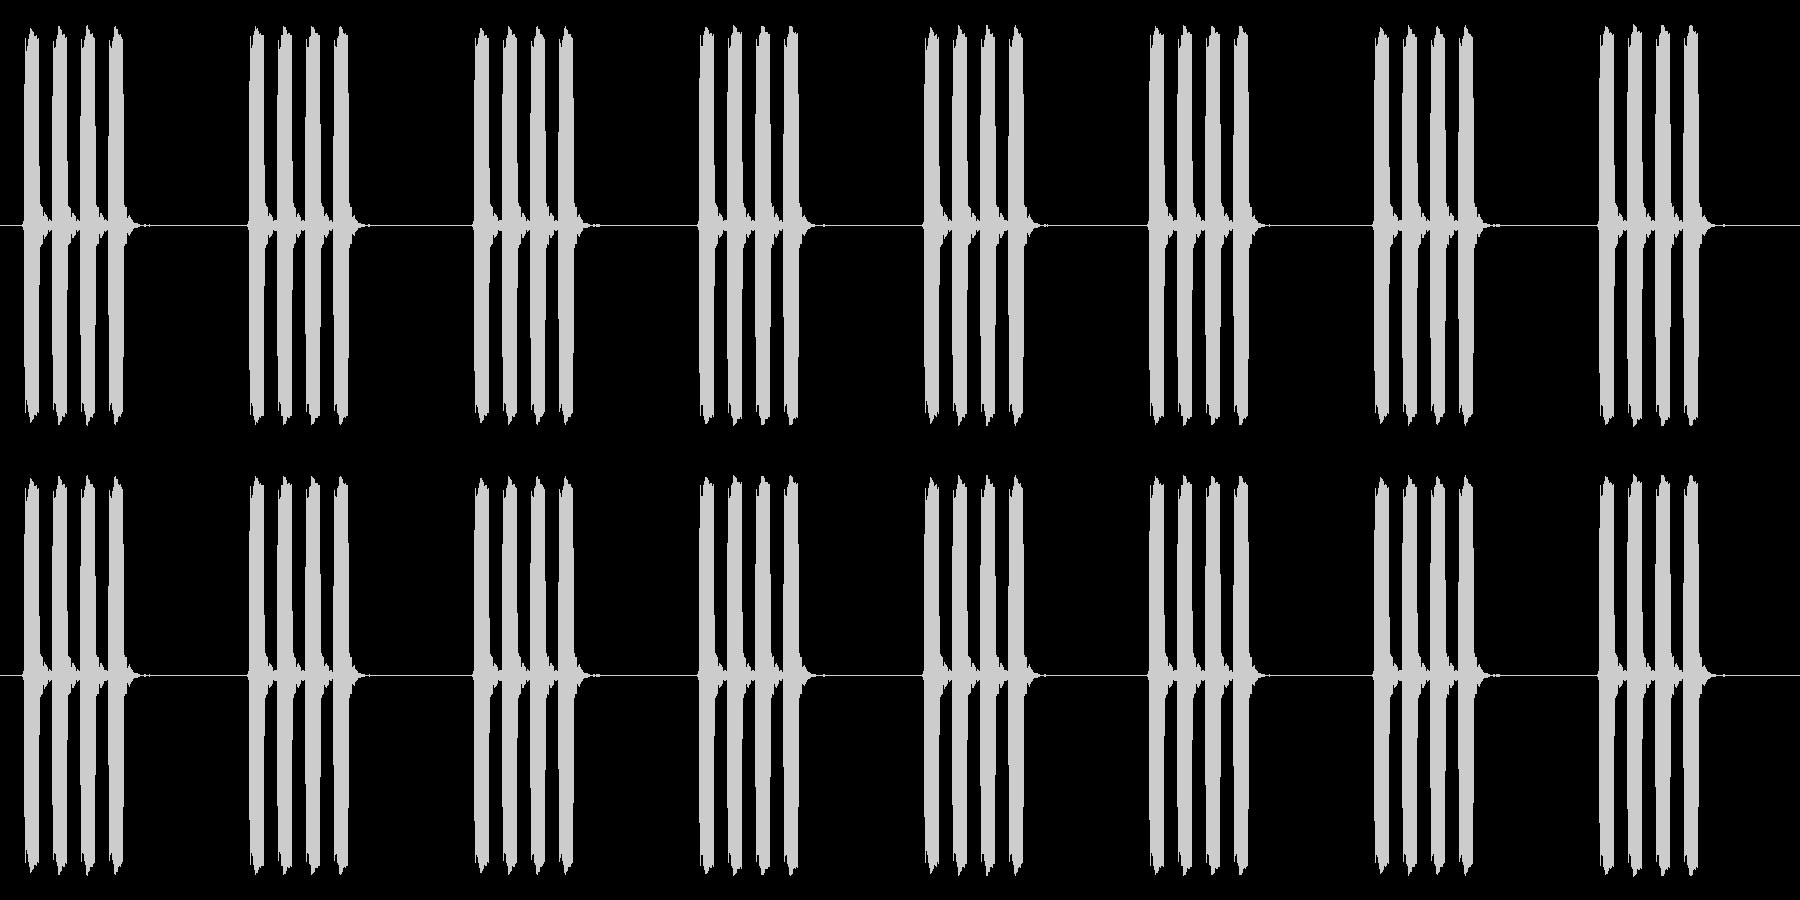 時計 アラーム03-01(ループ)の未再生の波形